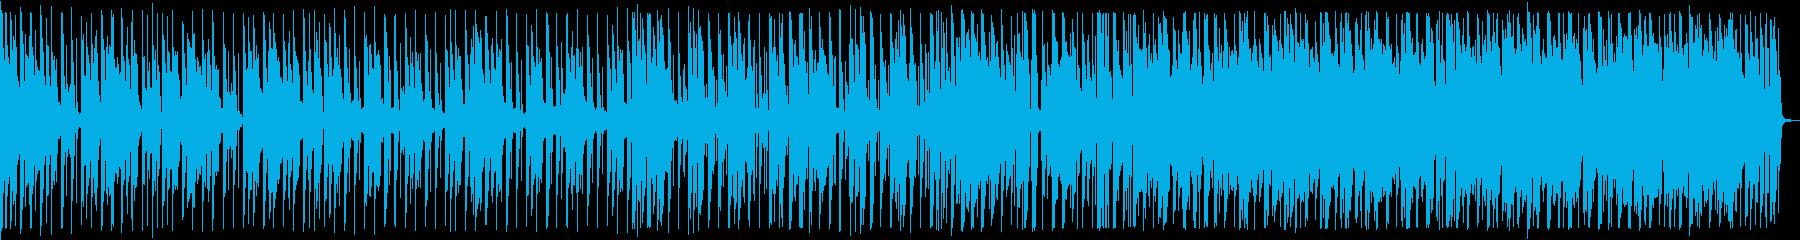 爽やかポップ_No636_2の再生済みの波形